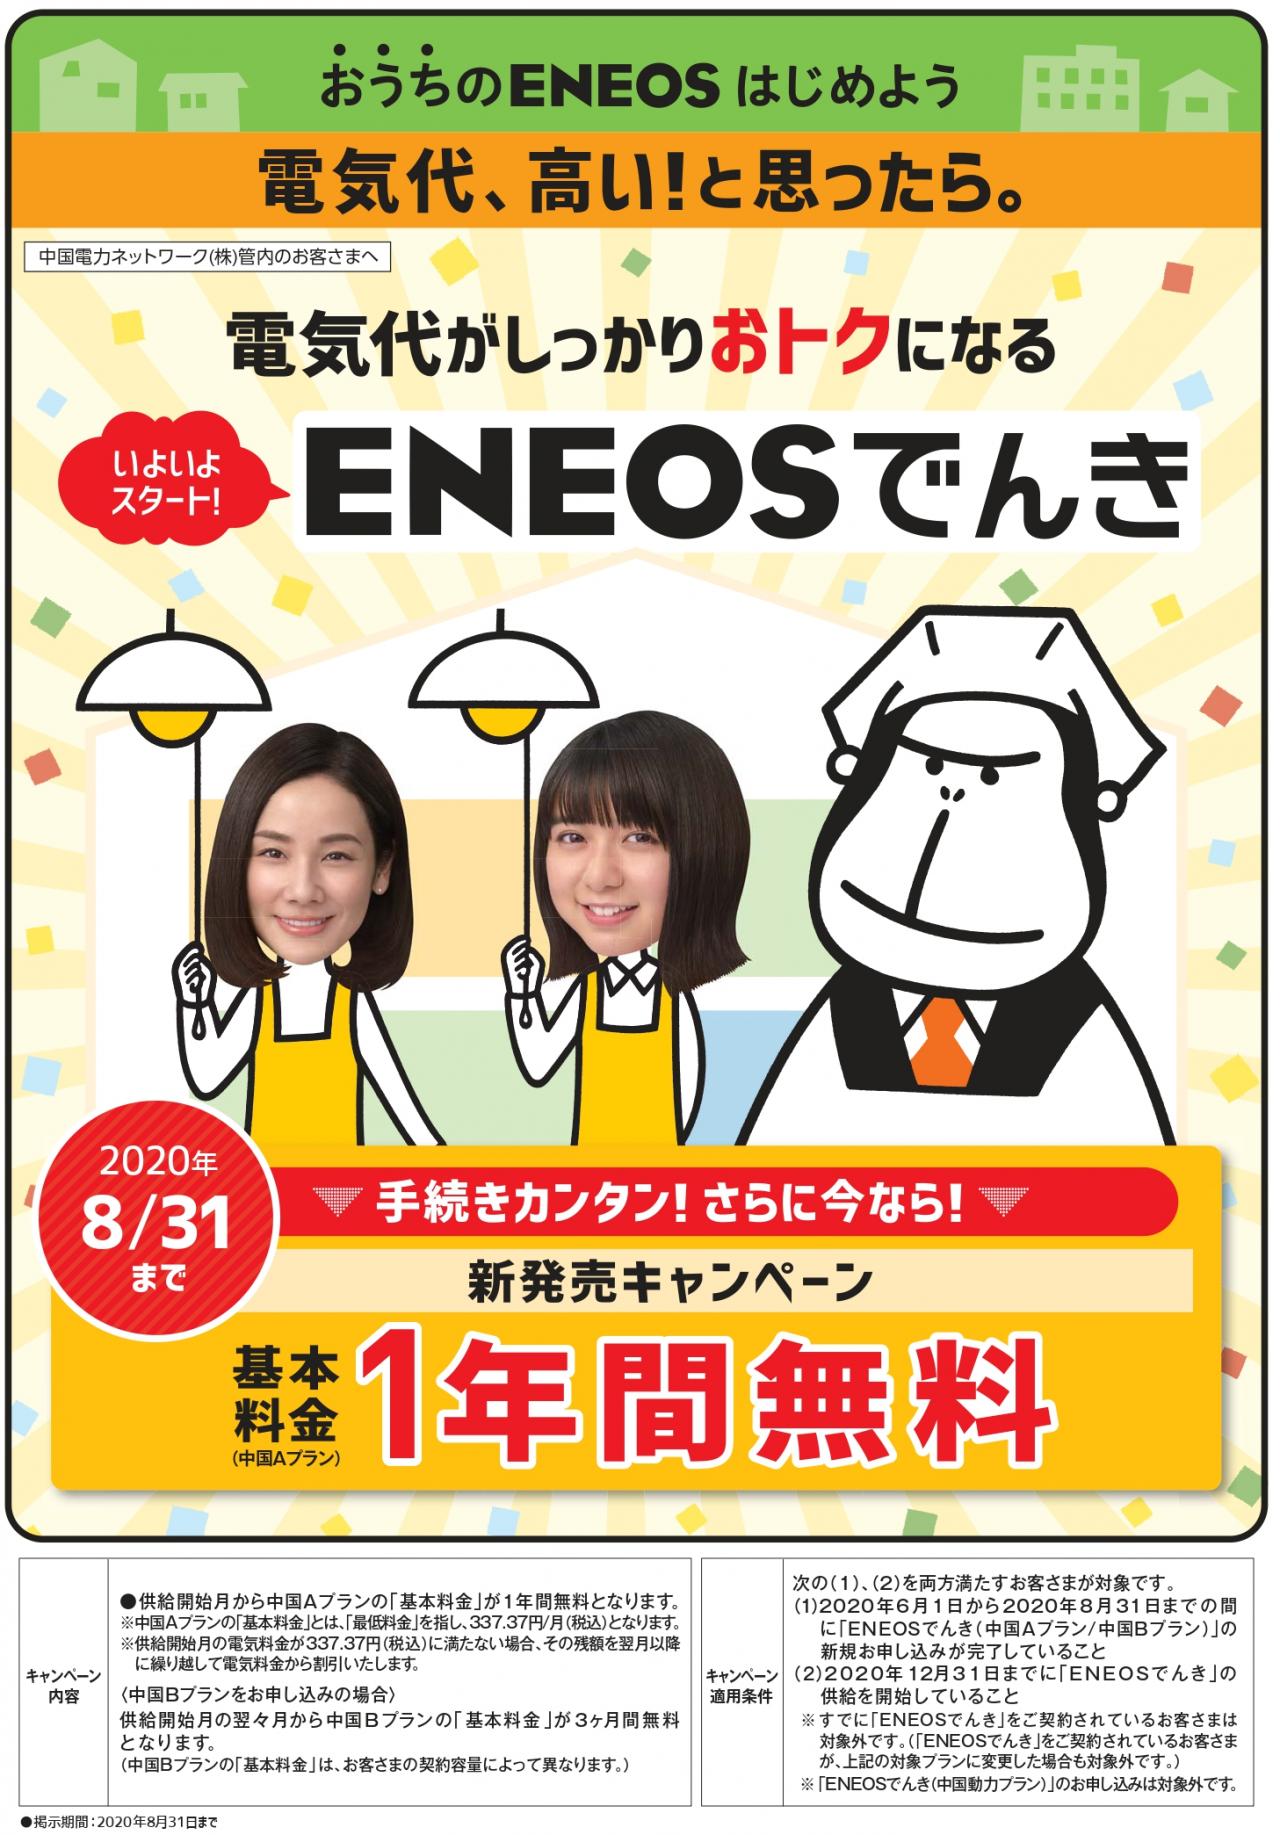 ENEOSでんきキャンペーン